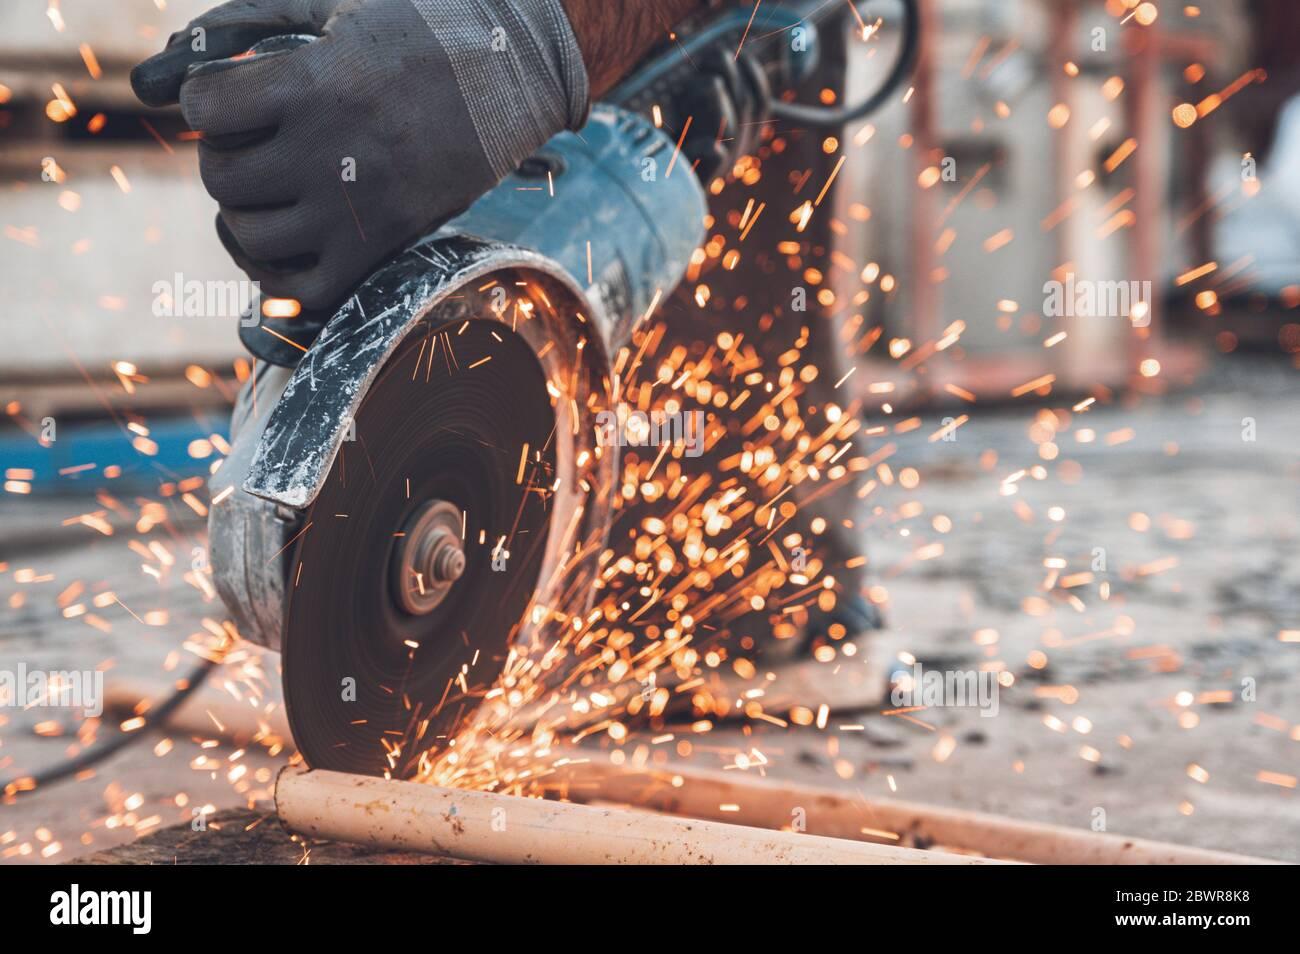 Trabajador de construcción que utiliza la amoladora angular cortando metal en el sitio de construcción. Foto de stock